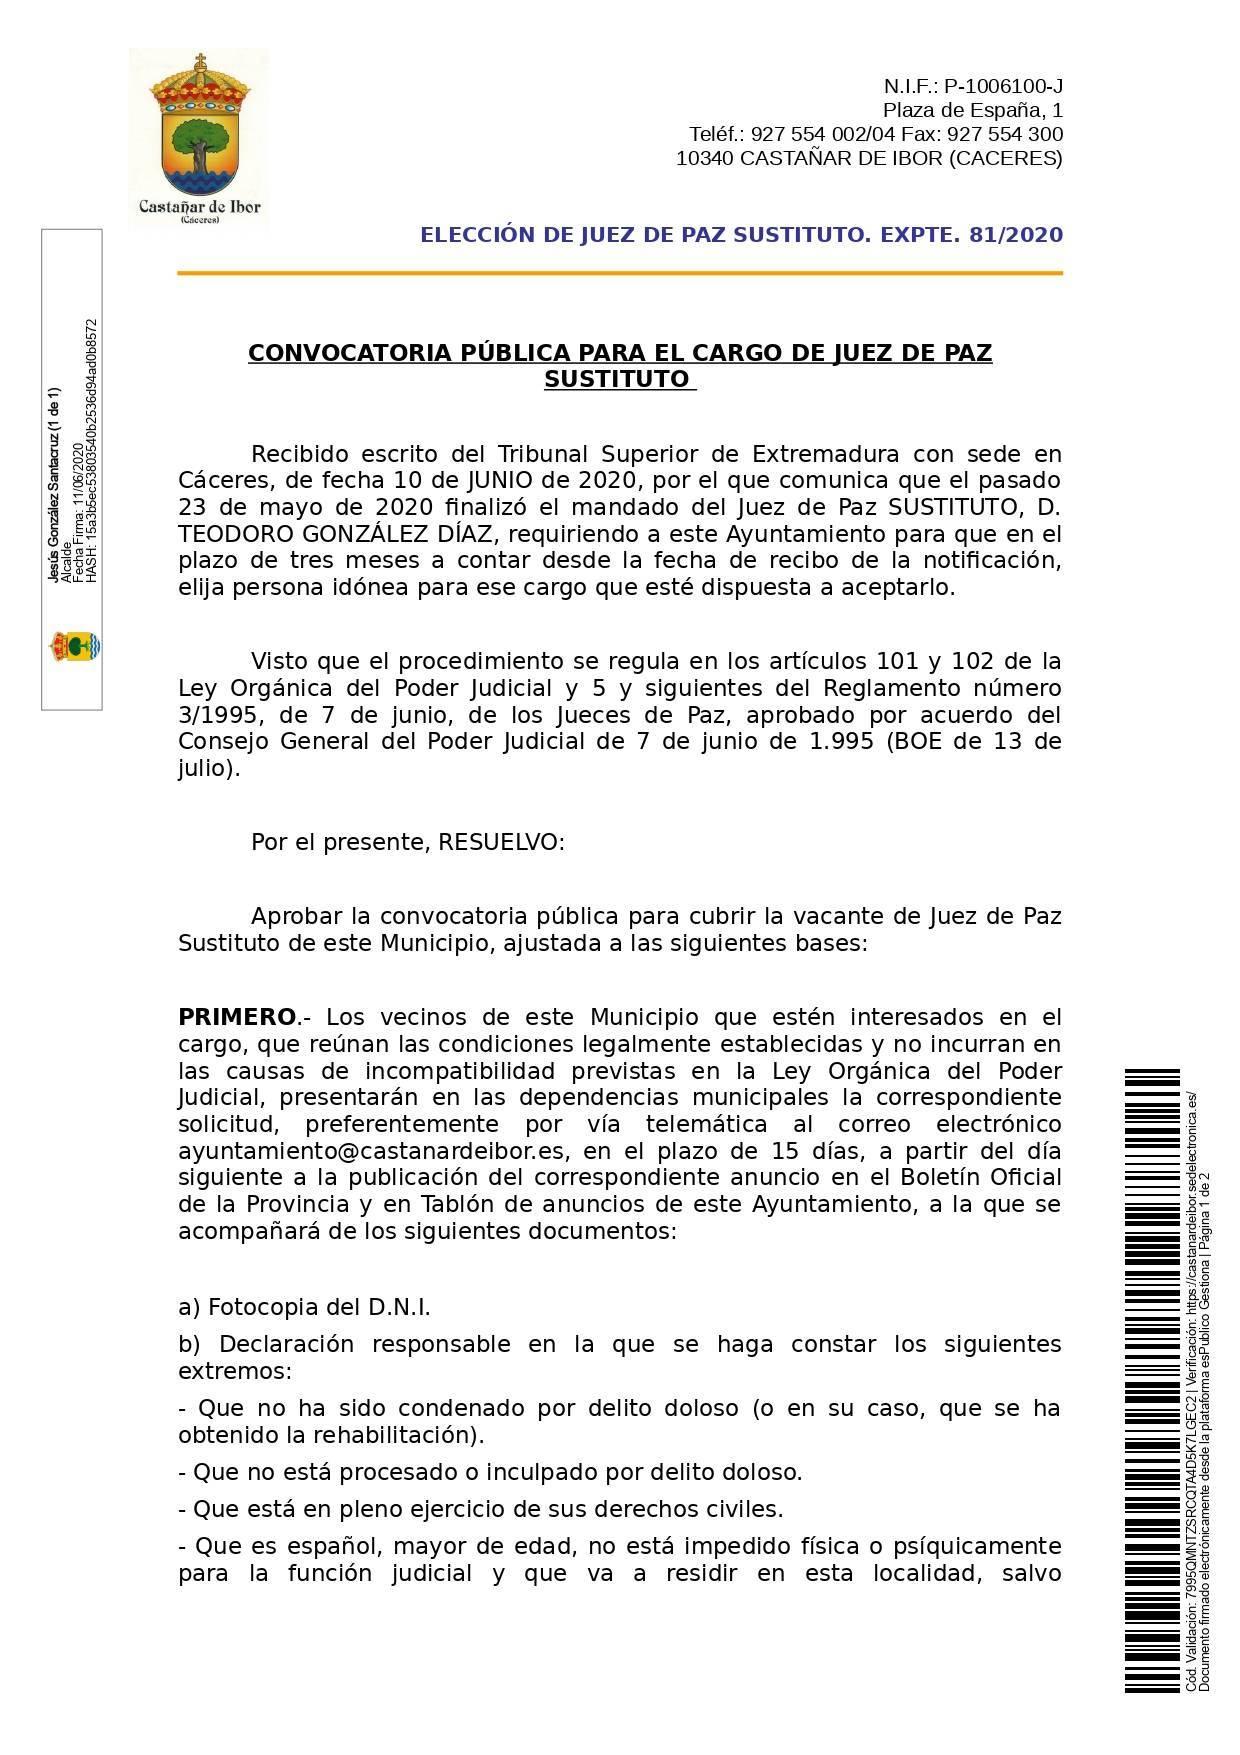 Juez de paz 2020 - Castañar de Ibor (Cáceres) 1